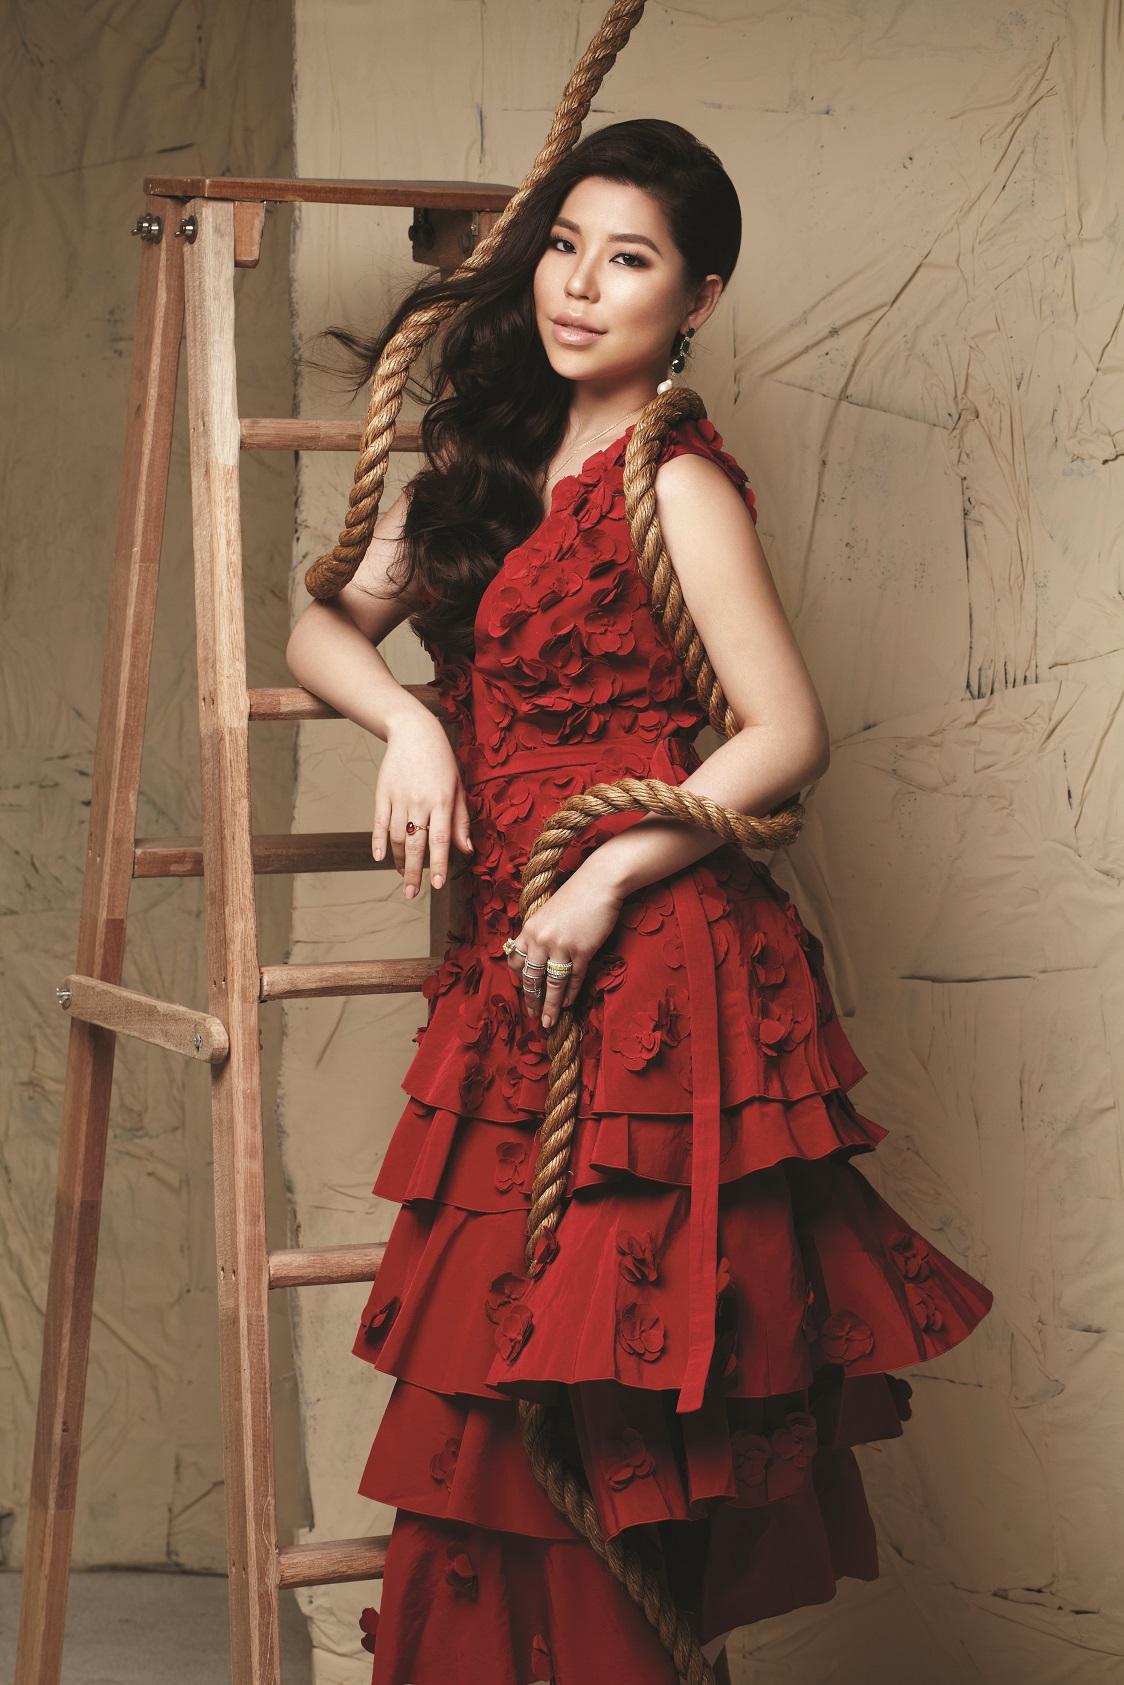 Elizabeth lee-yong